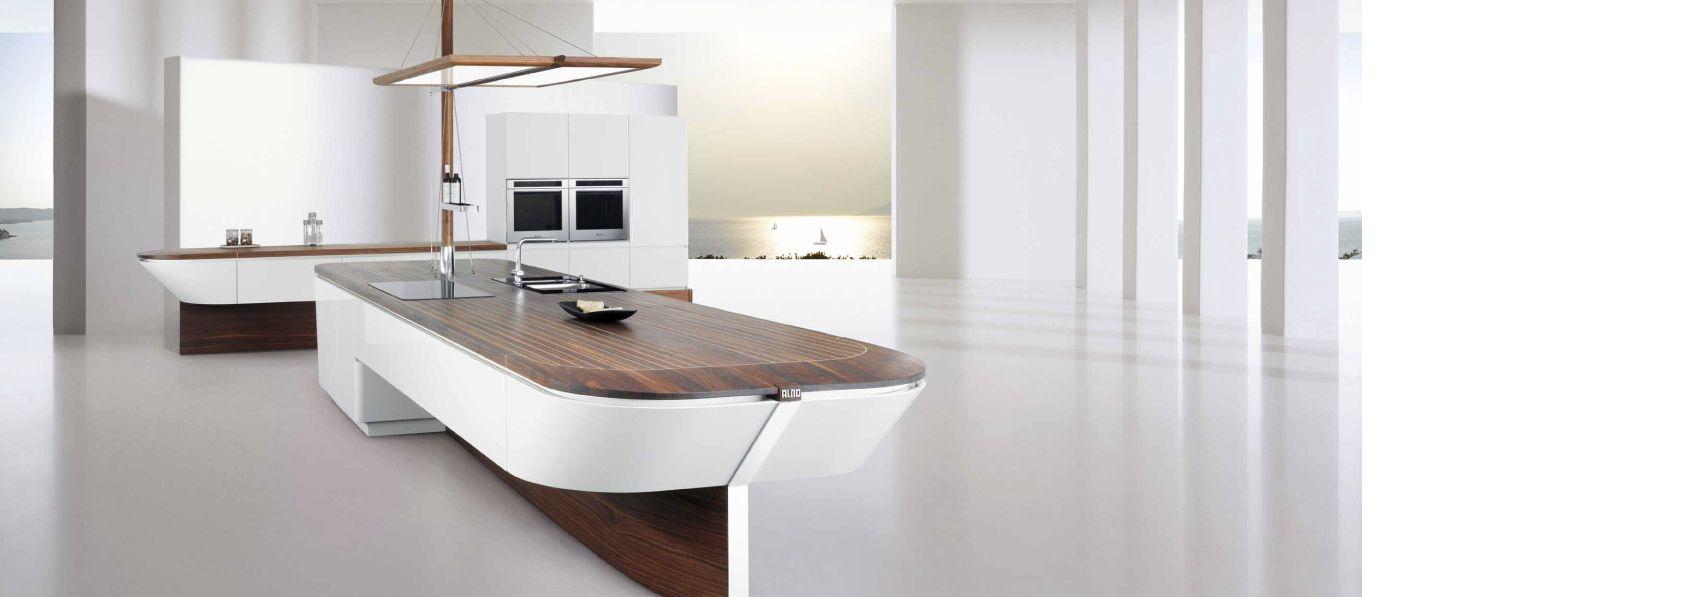 Wow Was Fur Eine Moderne Designer Kuche Von Alno Uber Mobel Hoffner Moderne Weisse Kuchen Kuchenstil Moderne Kuchen Inseln